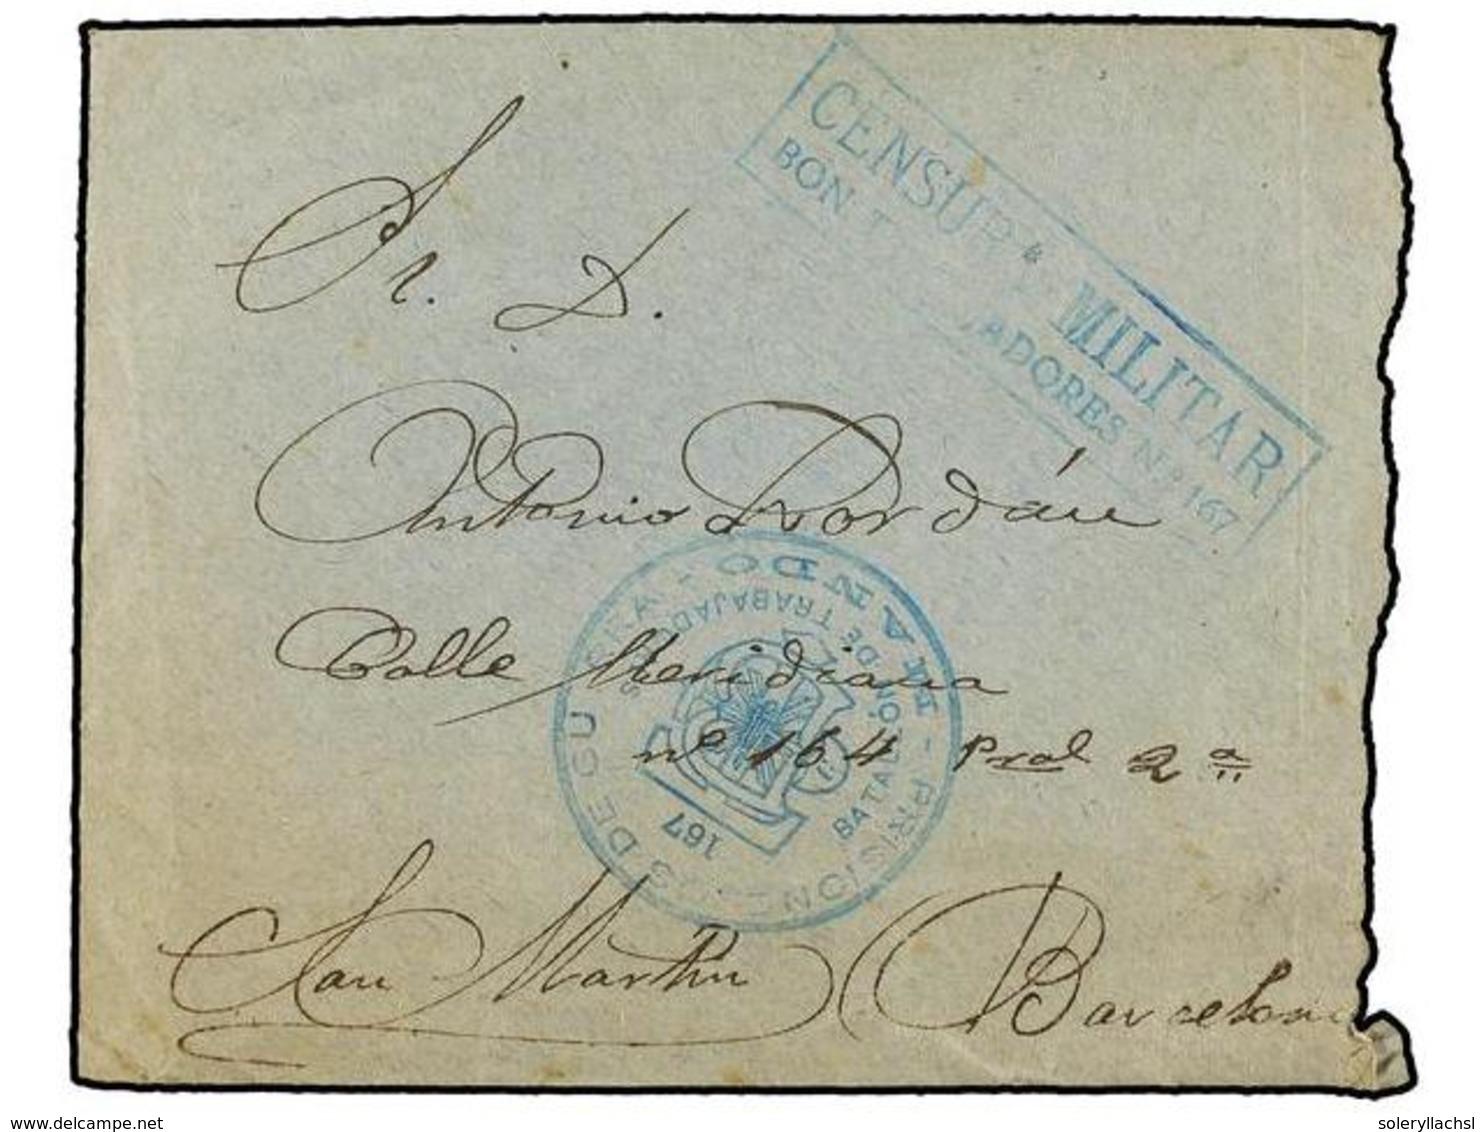 901 ESPAÑA GUERRA CIVIL. 1939. VALENCIA A BARCELONA. Carta Con Texto. Marca De Franquicia Y Censura <B>PRISIONEROS DE GU - Unclassified